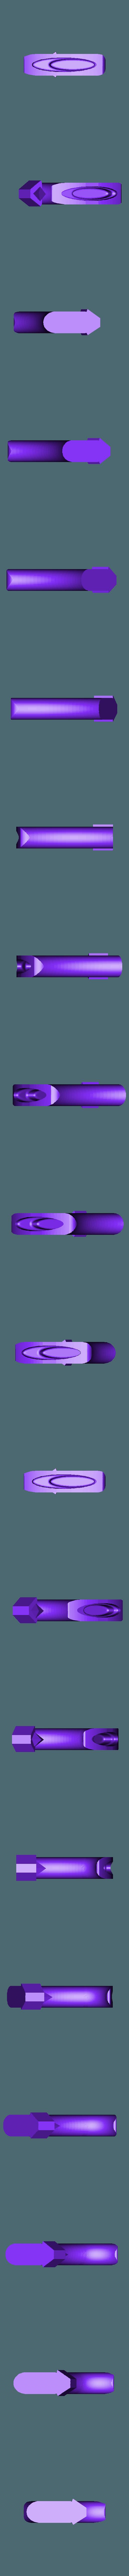 Pipe__-_Mid.stl Télécharger fichier STL gratuit Xenos Bug - Moteur de siège • Modèle pour impression 3D, GarinC3D